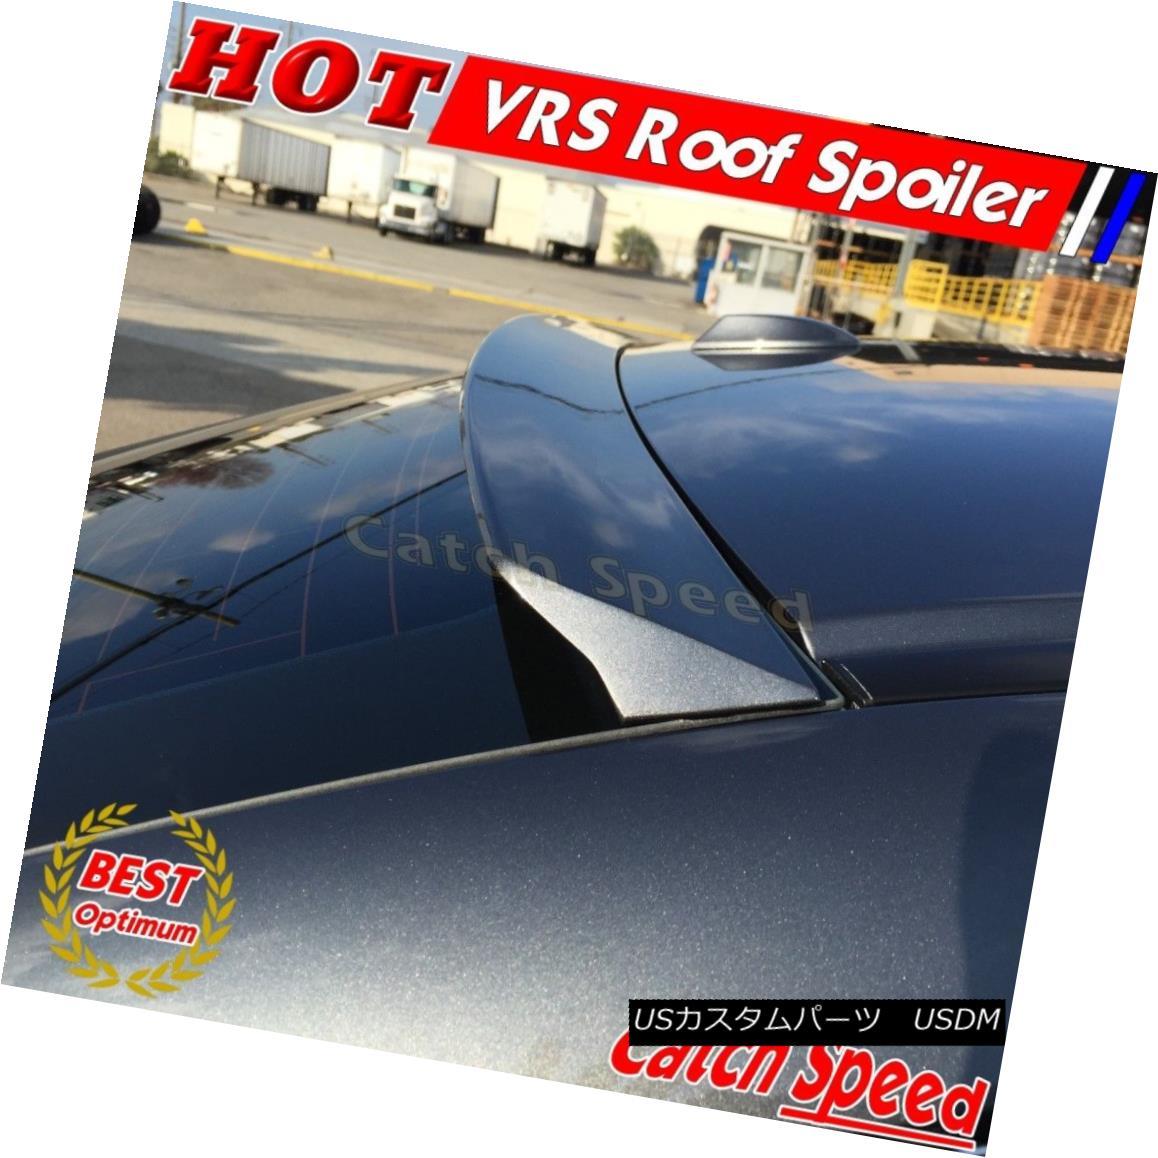 エアロパーツ Painted VRS Type Rear Roof Spoiler Wing For Pontiac G8 GT GCT Sedan 2008~2009 Pontiac G8 GT GCTセダン用VRSタイプリアルーフスポイラーウイング塗装2008?2009